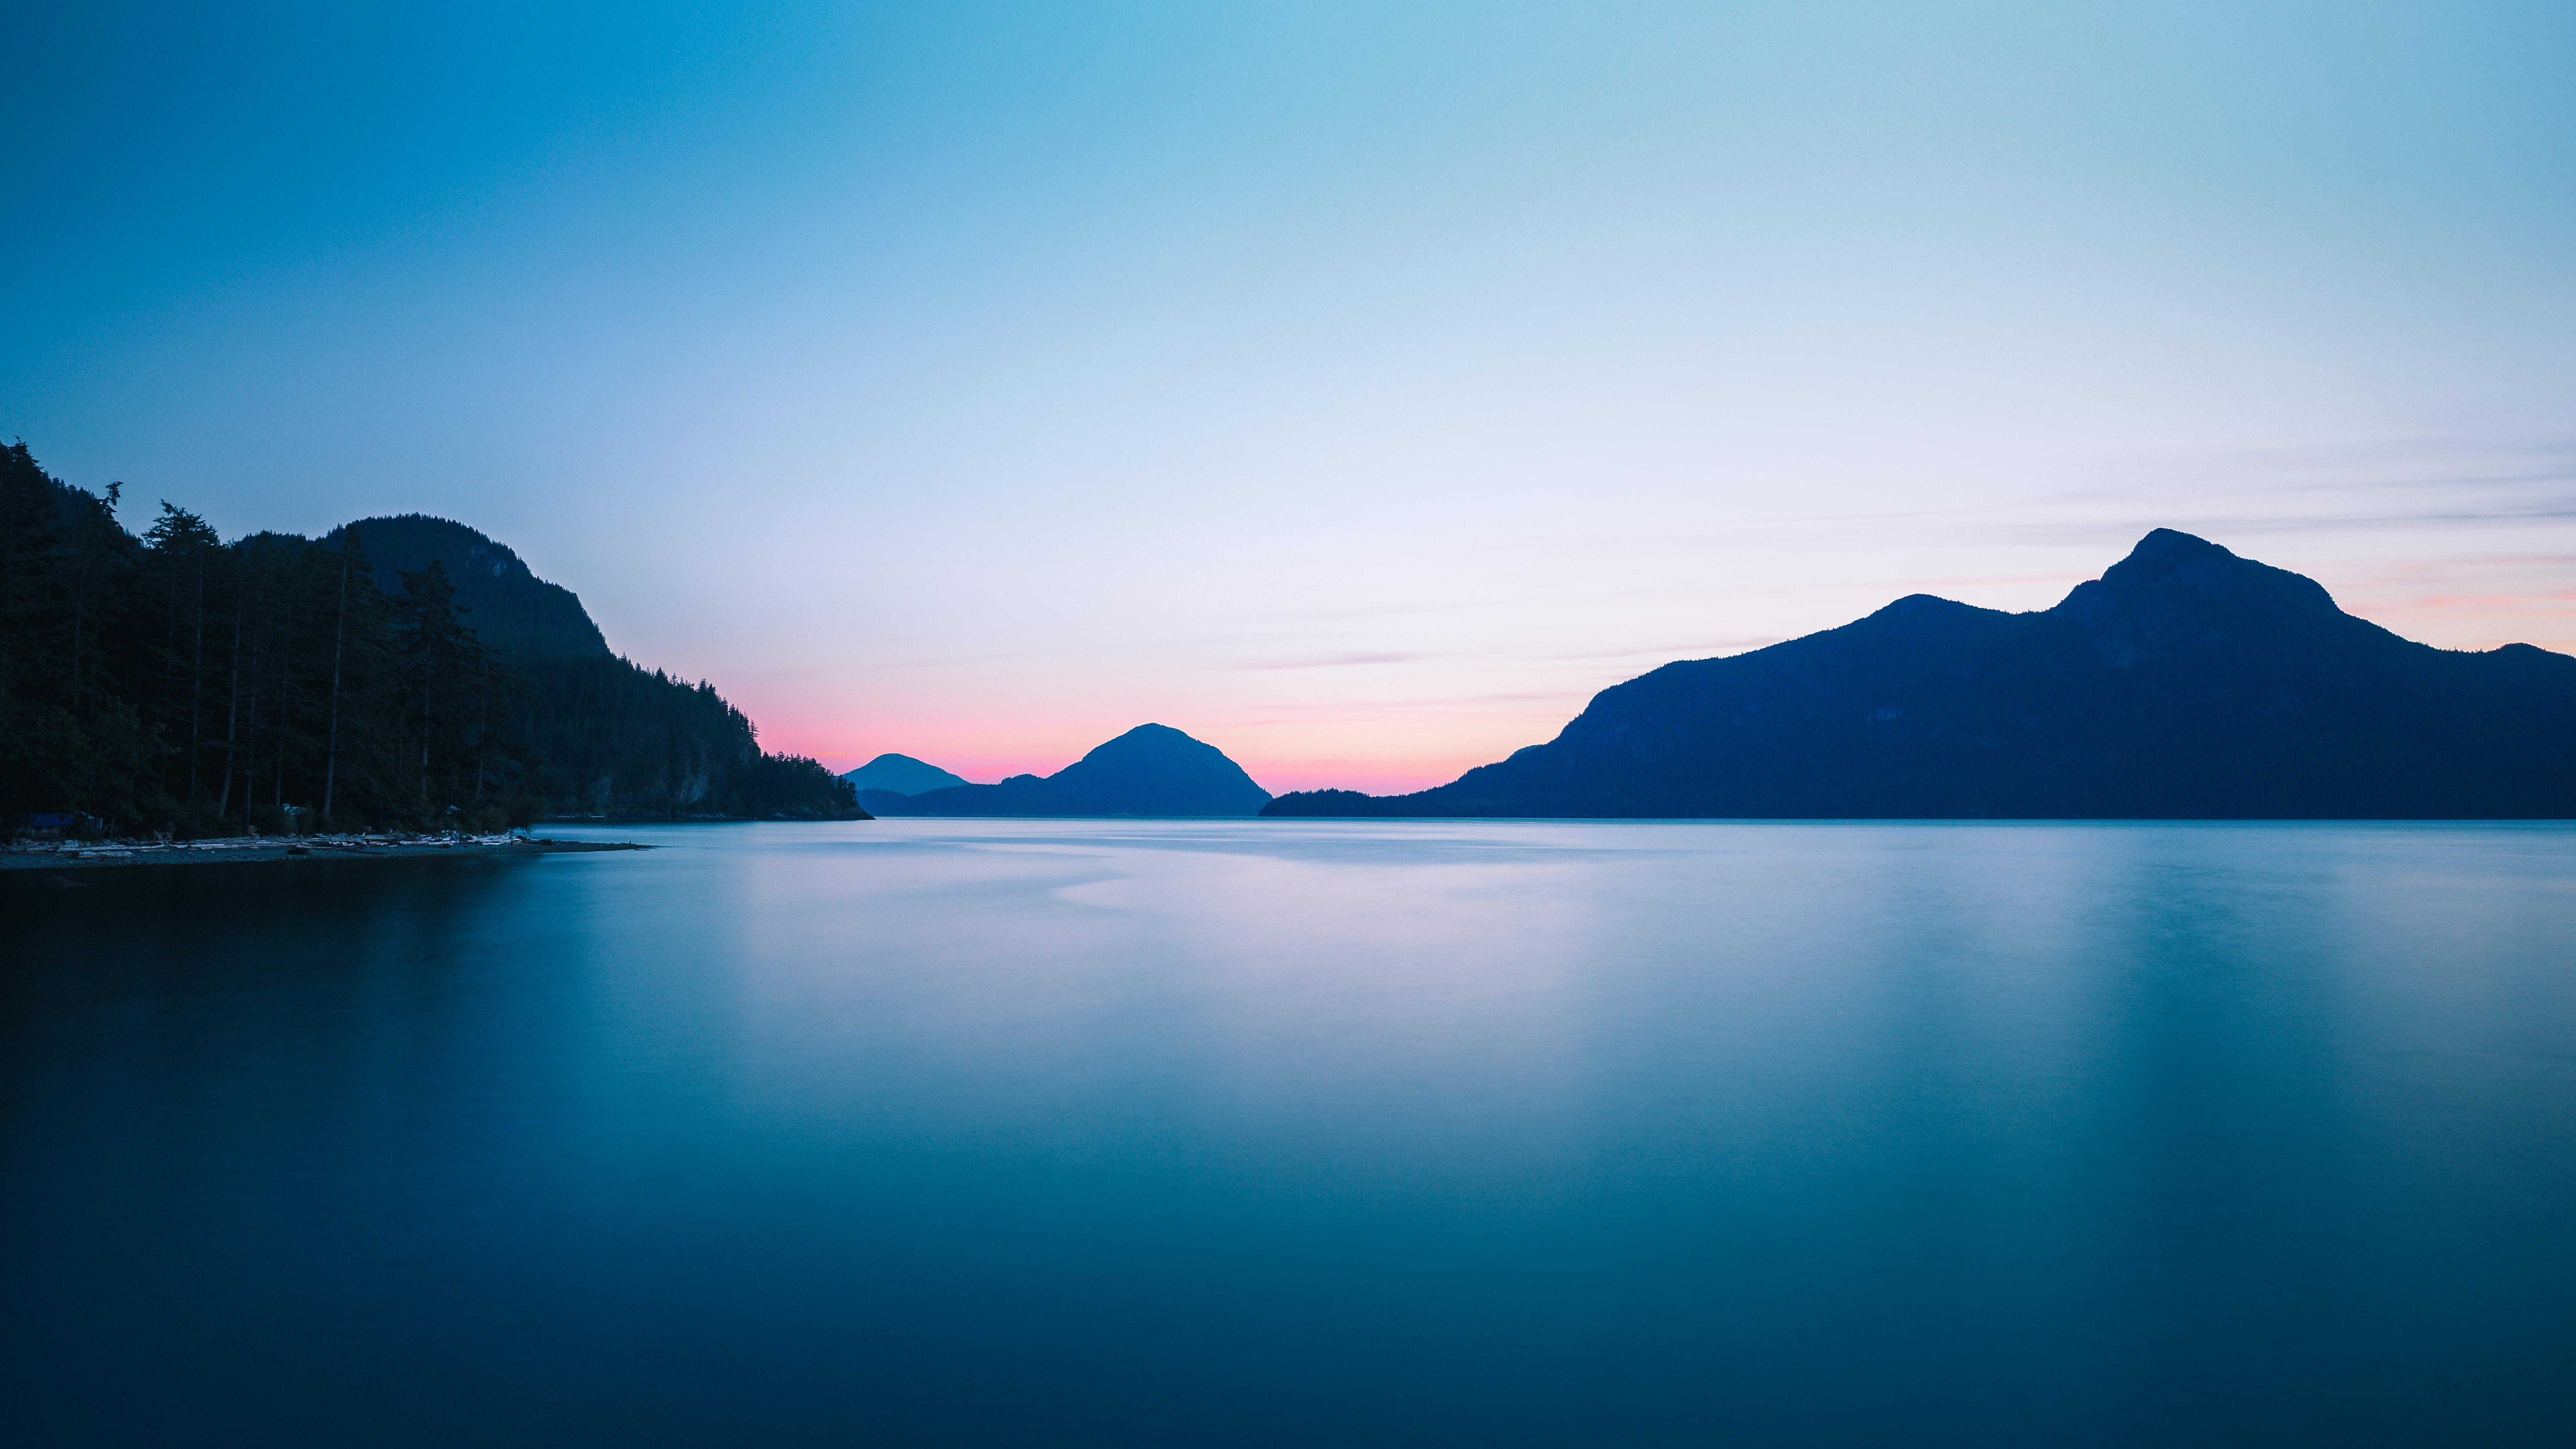 89803 скачать обои Природа, Море, Закат, Холмы, Горизонт, Небо - заставки и картинки бесплатно